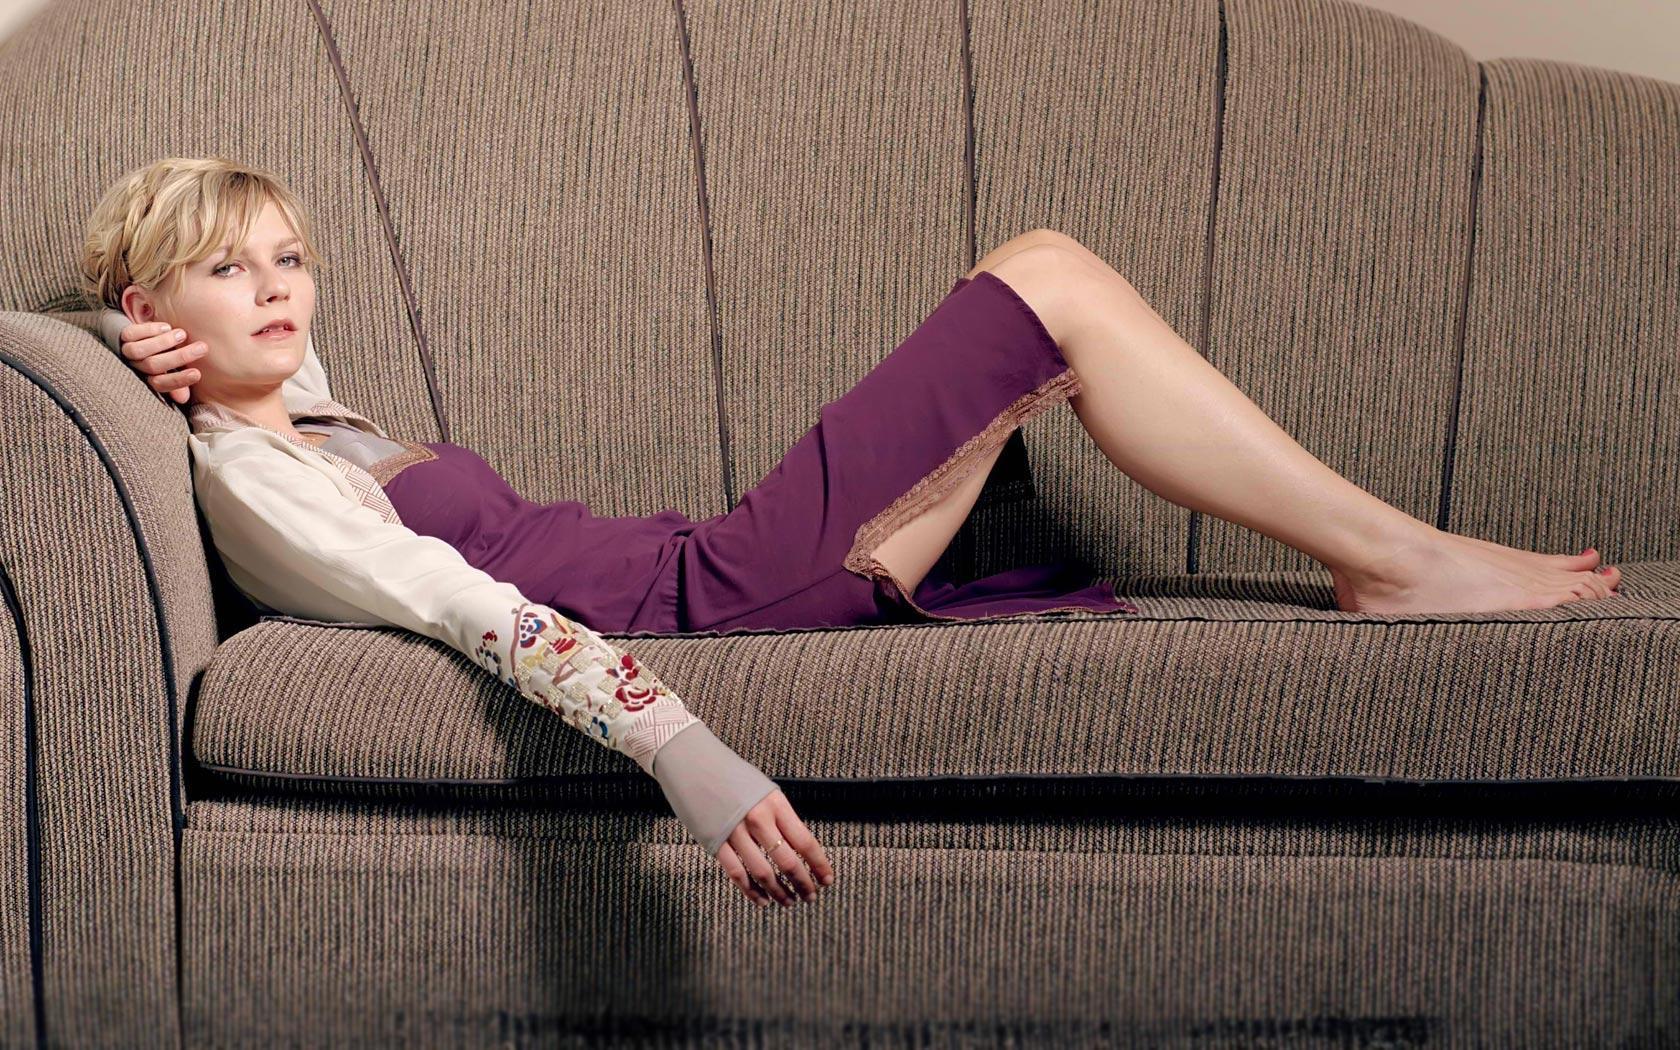 Feet Kirsten Dunst nudes (71 photo), Ass, Bikini, Feet, butt 2020